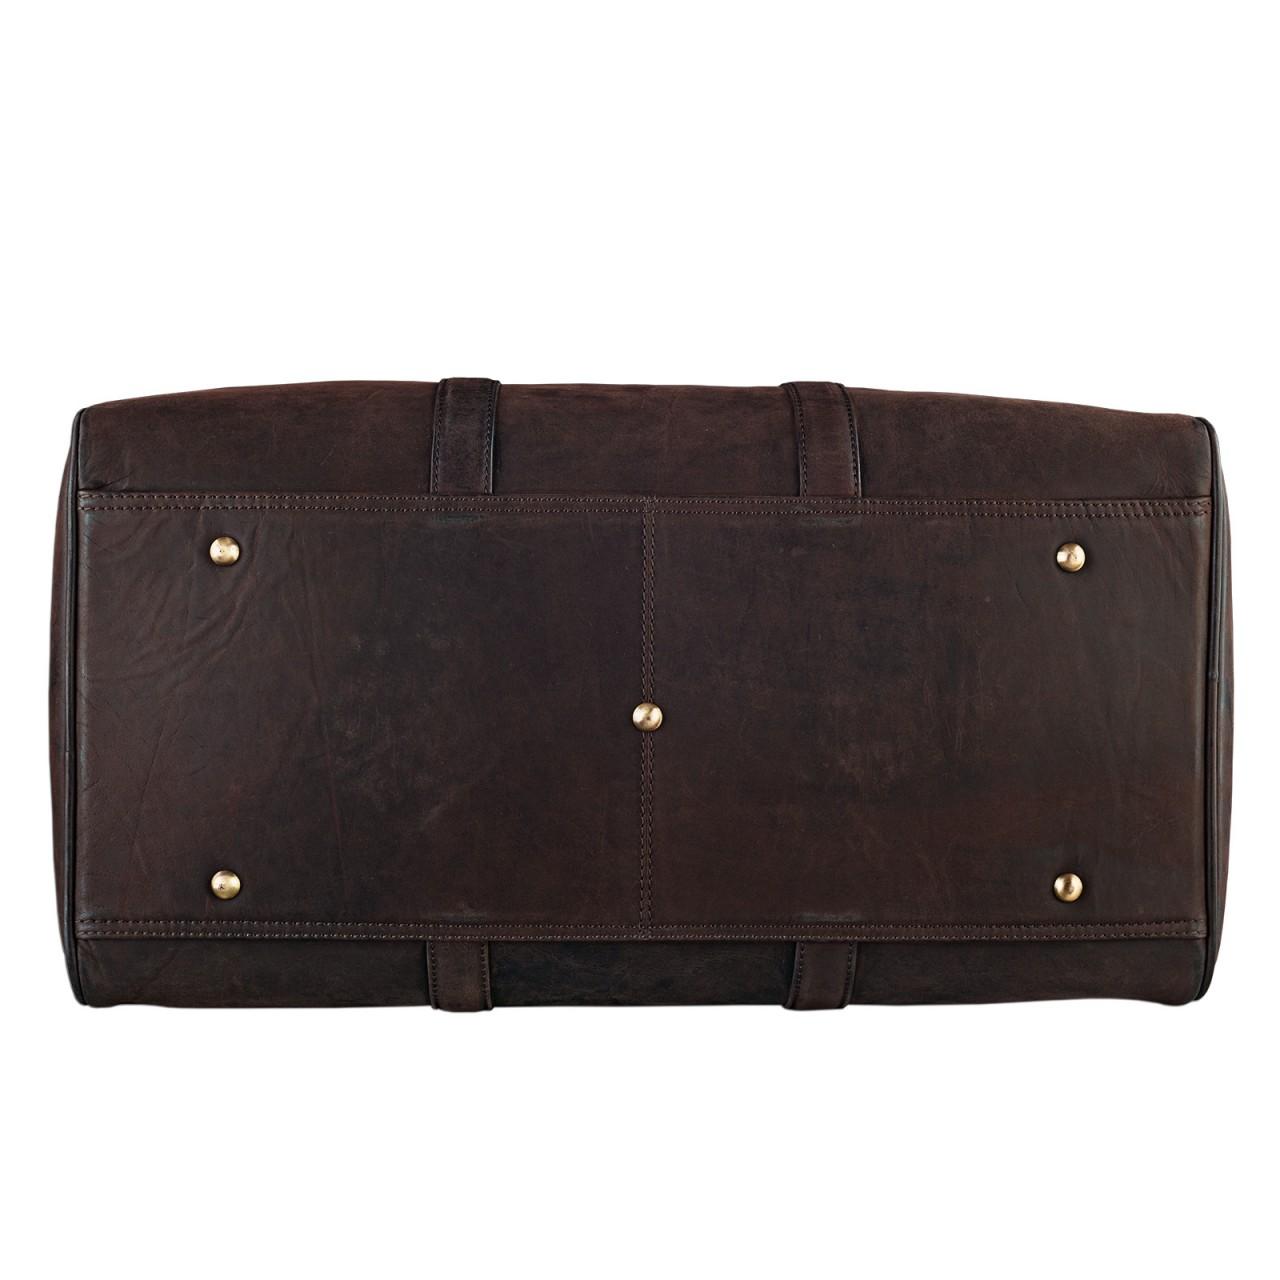 STILORD Elegante Vintage Reisetasche Umhängetasche Weekend Bag Handgepäck in Kabinengröße aus echtem Leder dunkelbraun - Bild 5